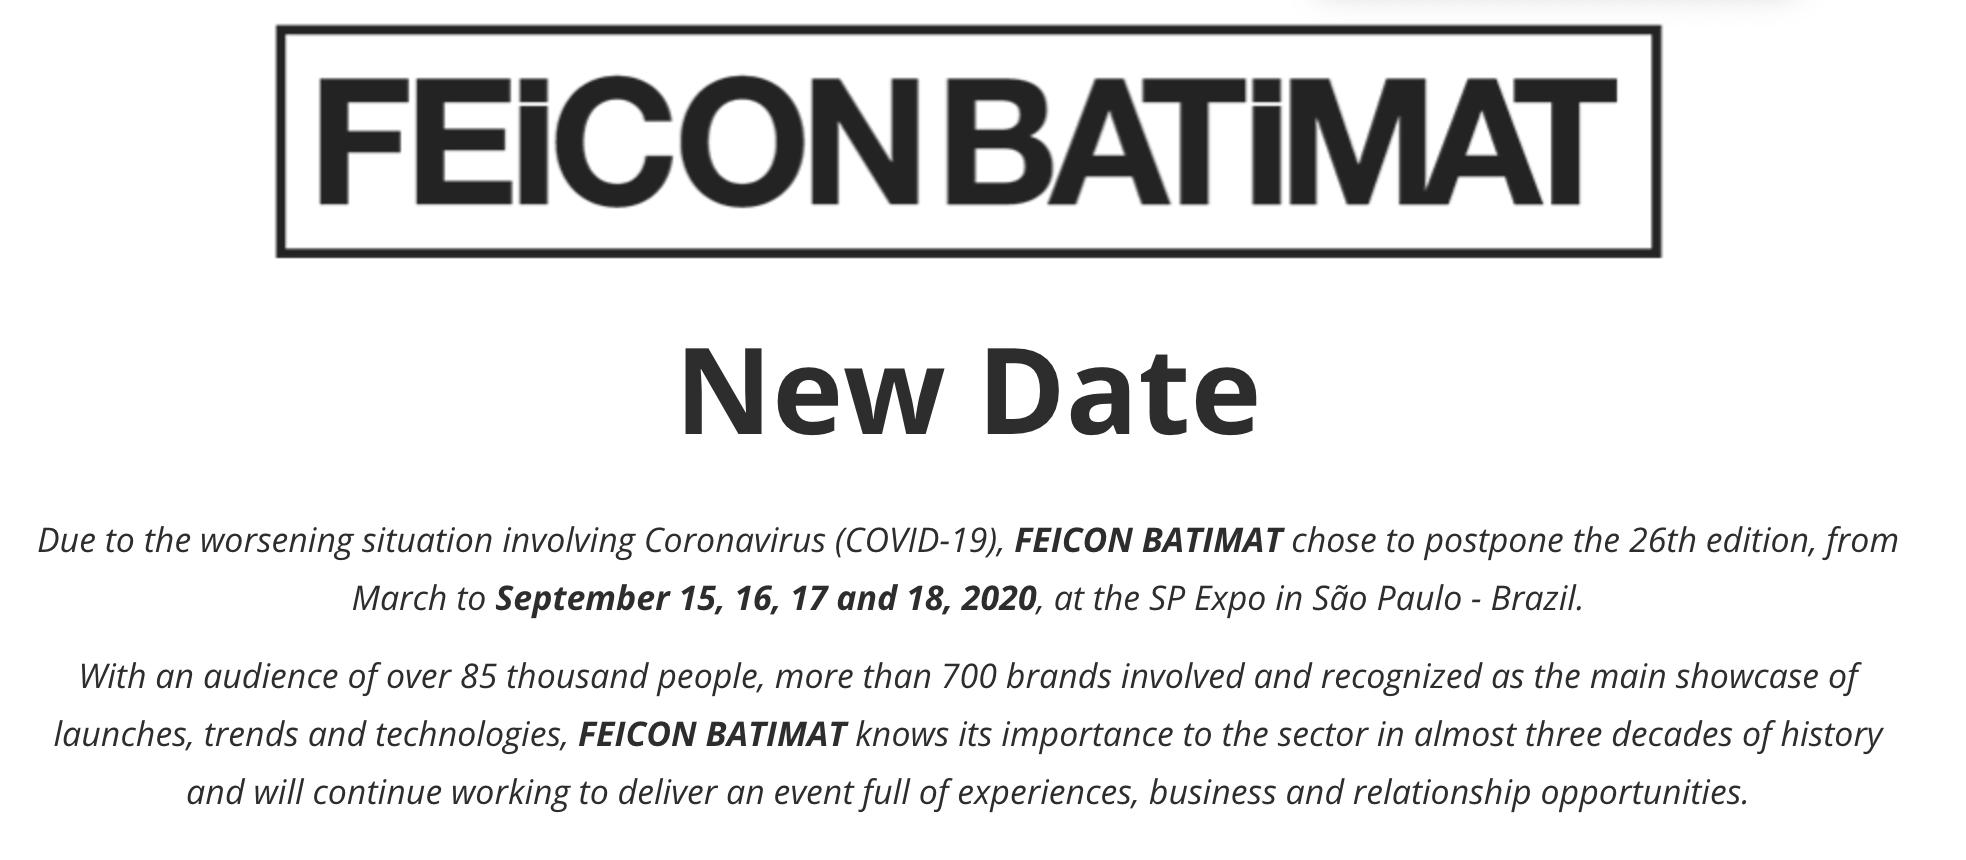 巴西建材展FEICON BATIMAT宣布延期至9月举行